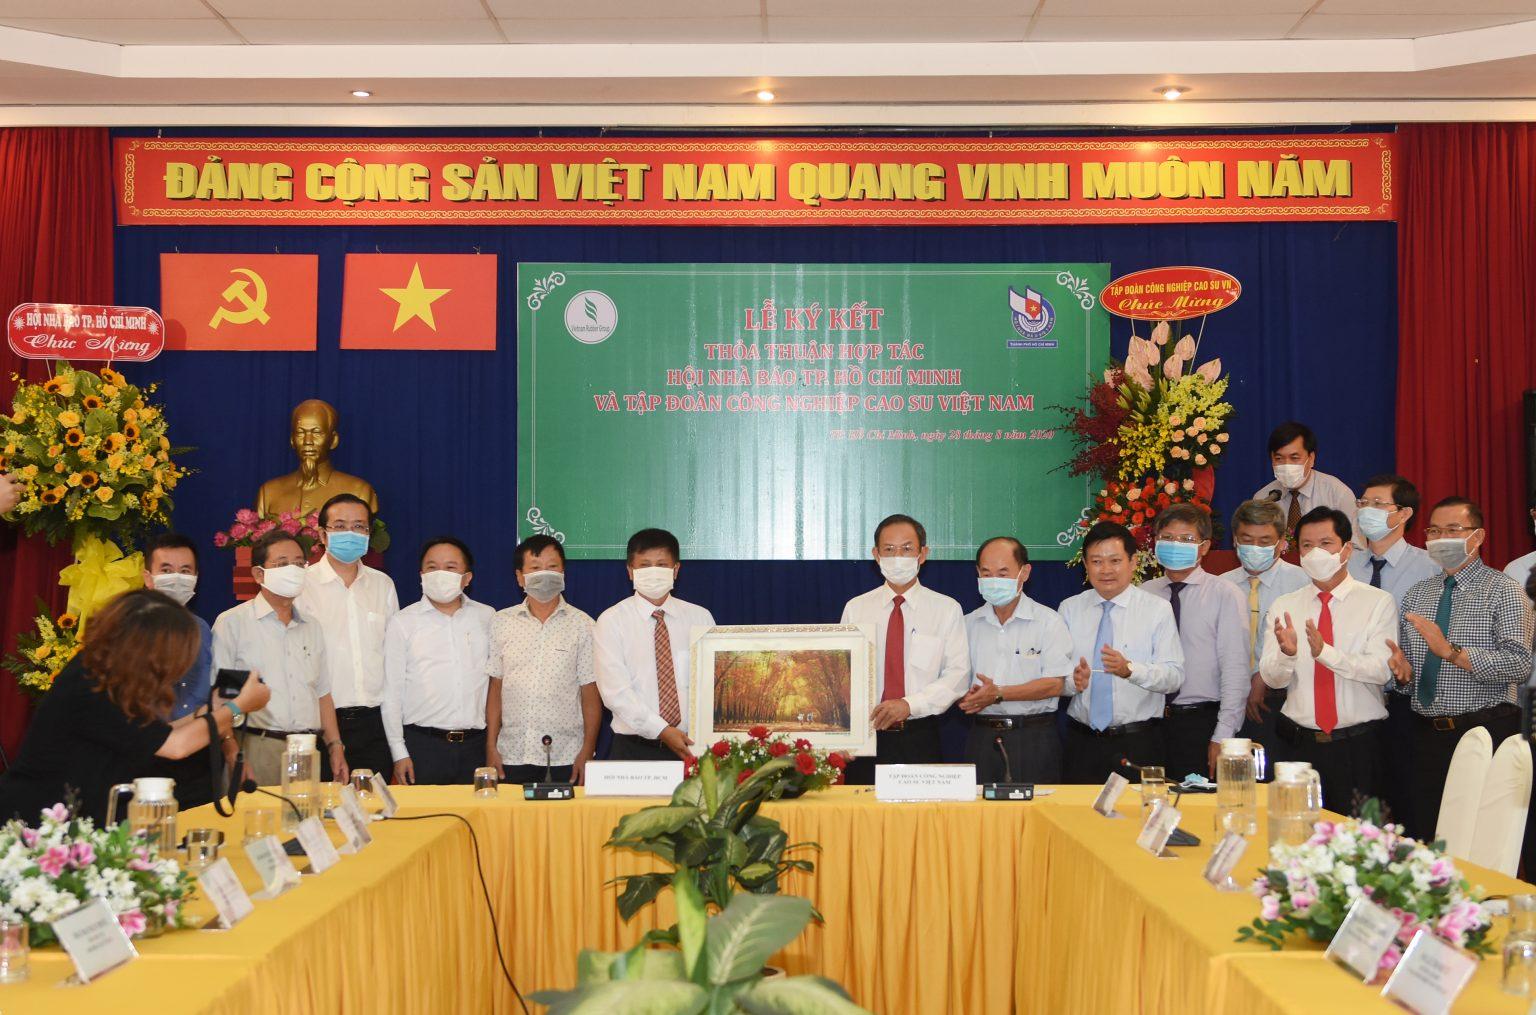 VRG ký kết chương trình hợp tác với Hội Nhà báo TP.HCM